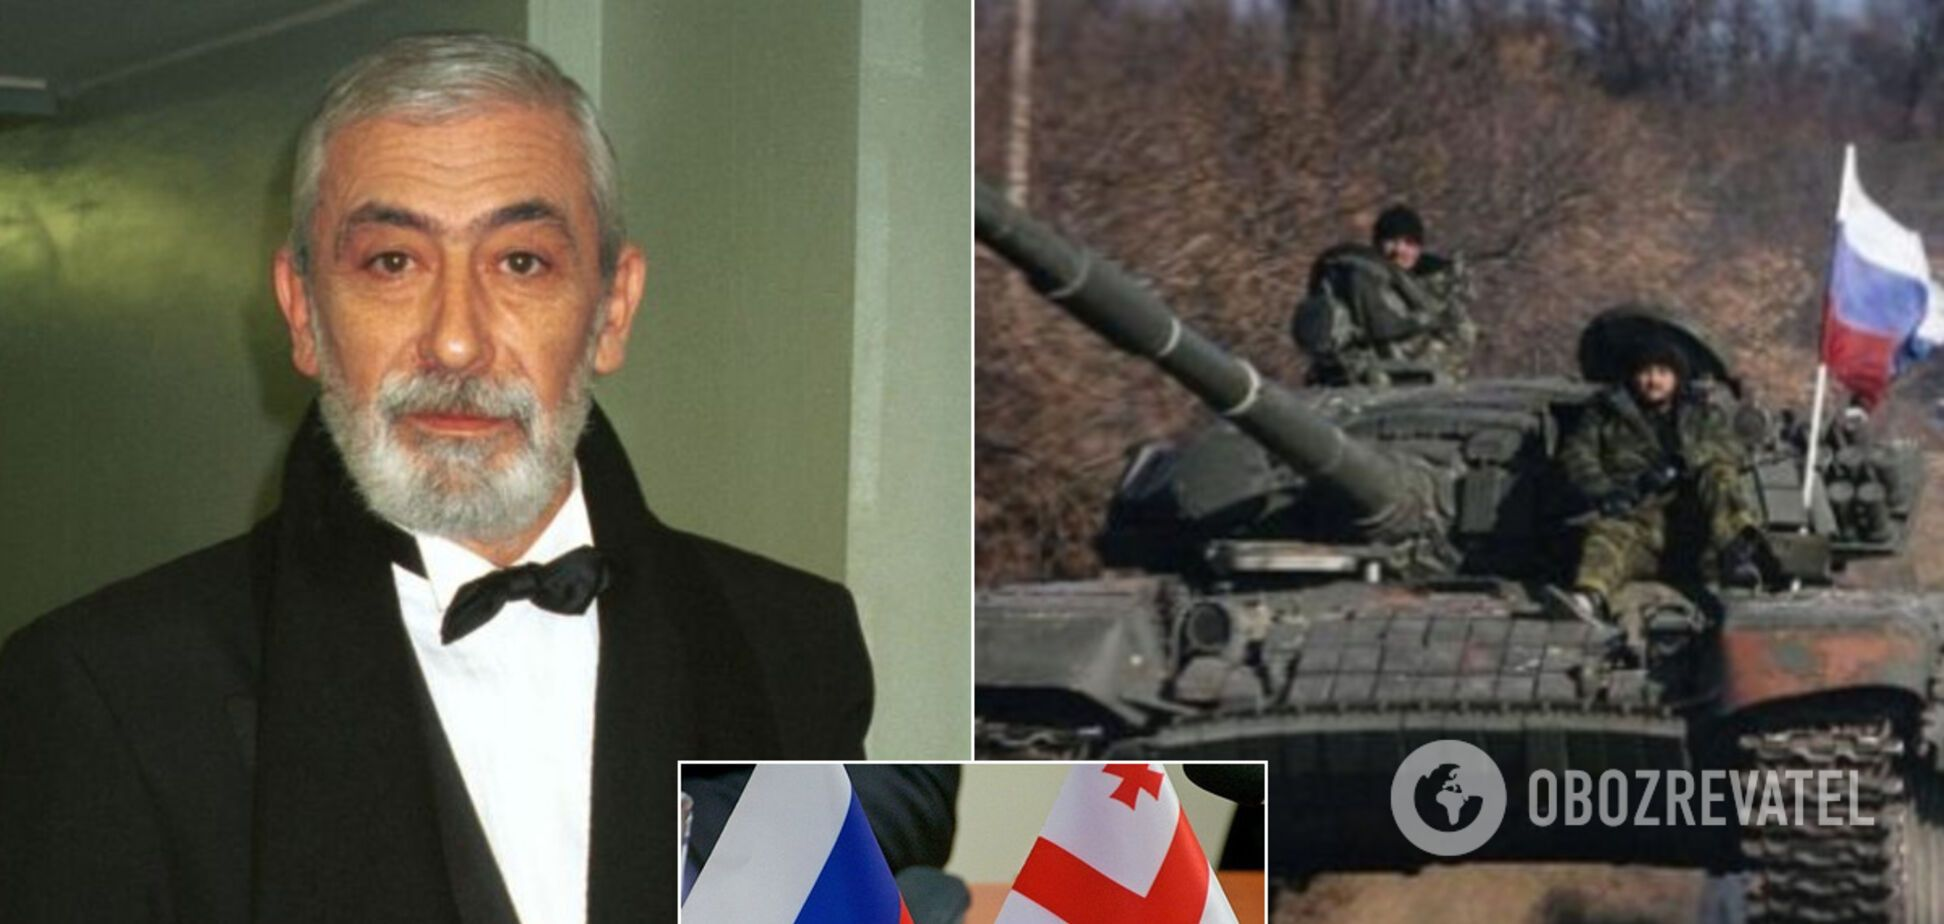 Кикабидзе о России: если зашел к тебе танк с флагом, в эту страну ты не должен ехать петь